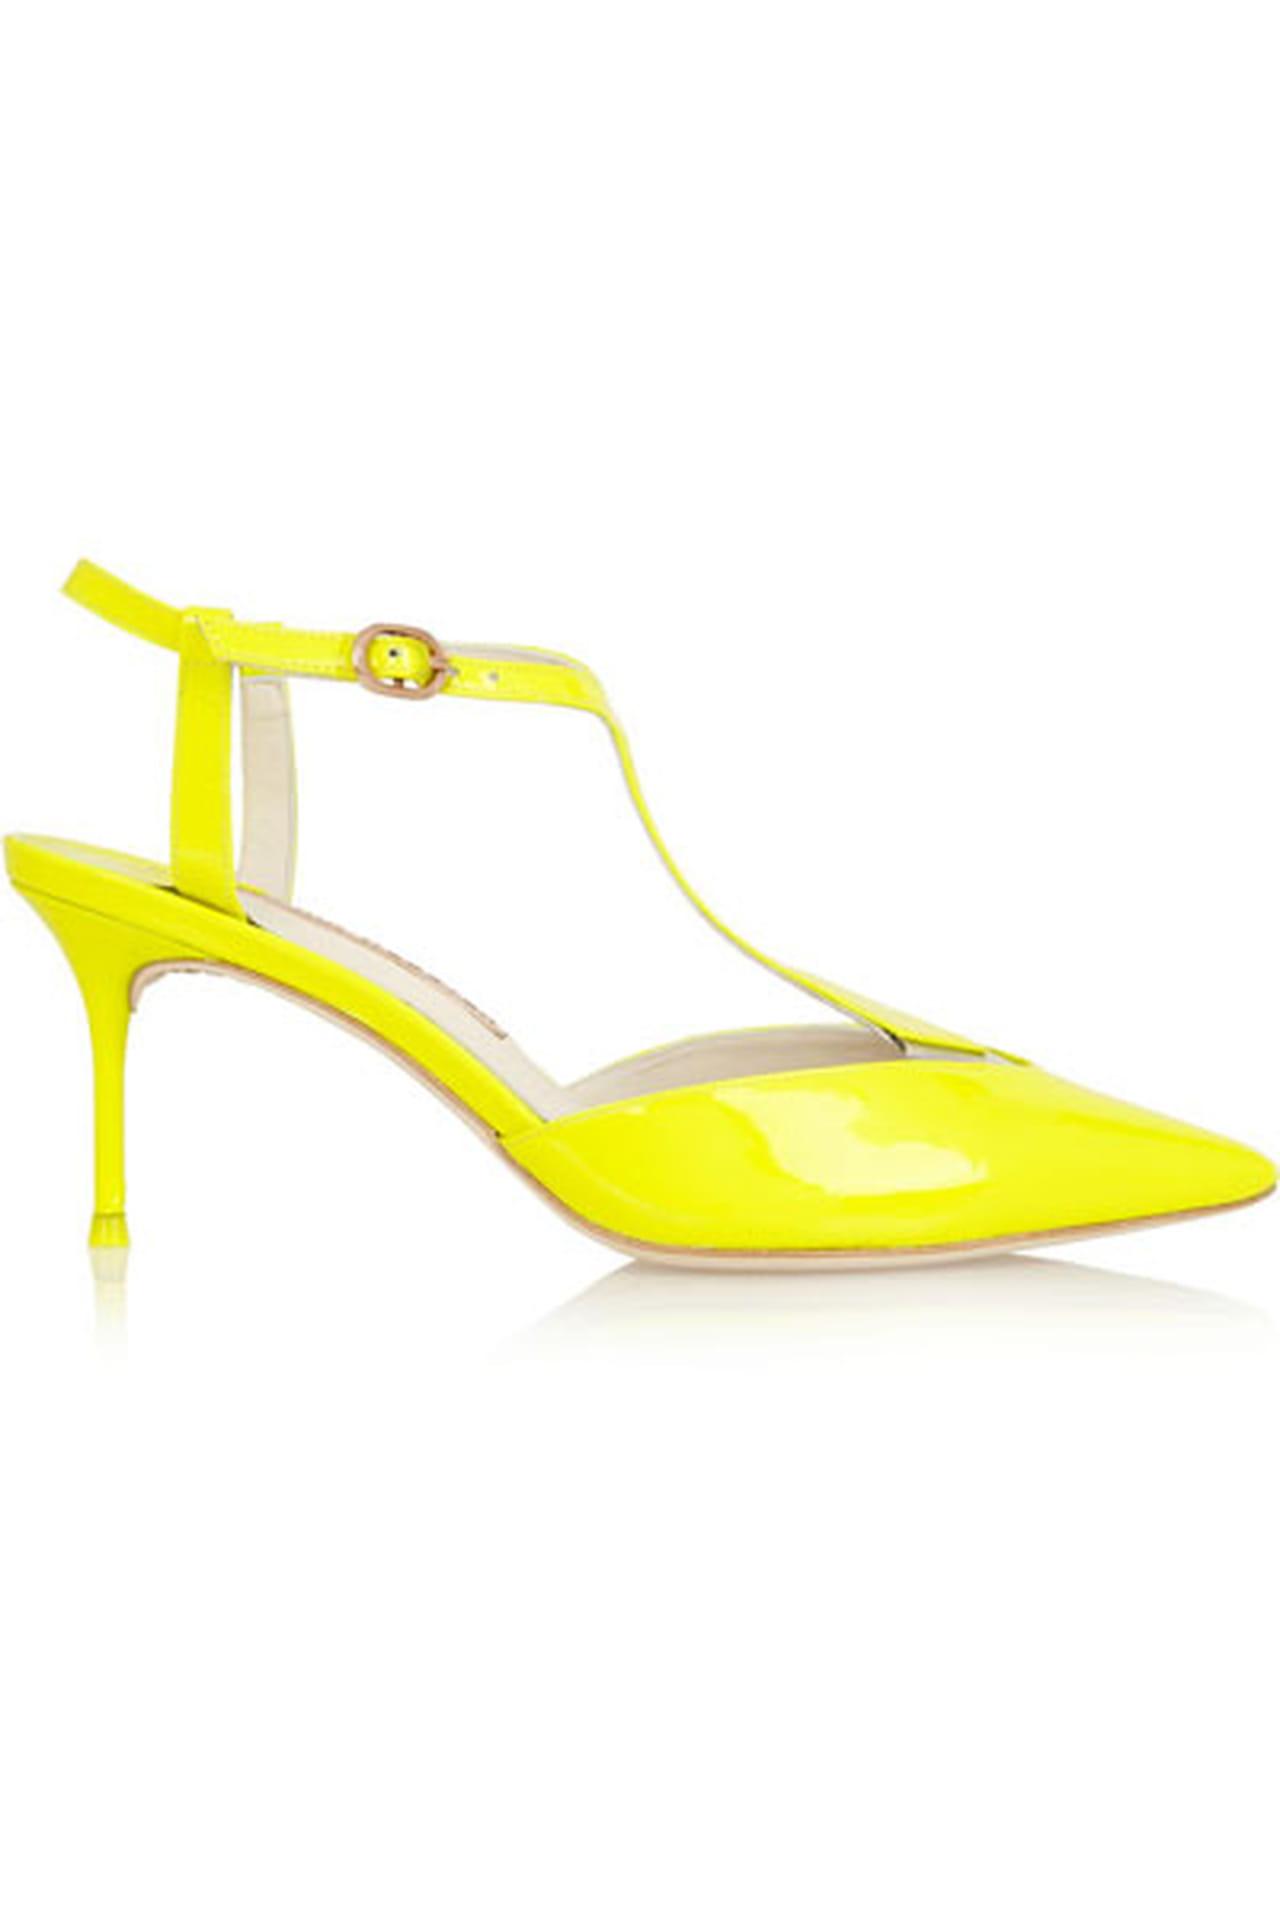 اللون الأصفر لطلة تعكس إشراقتك في النهار  832715